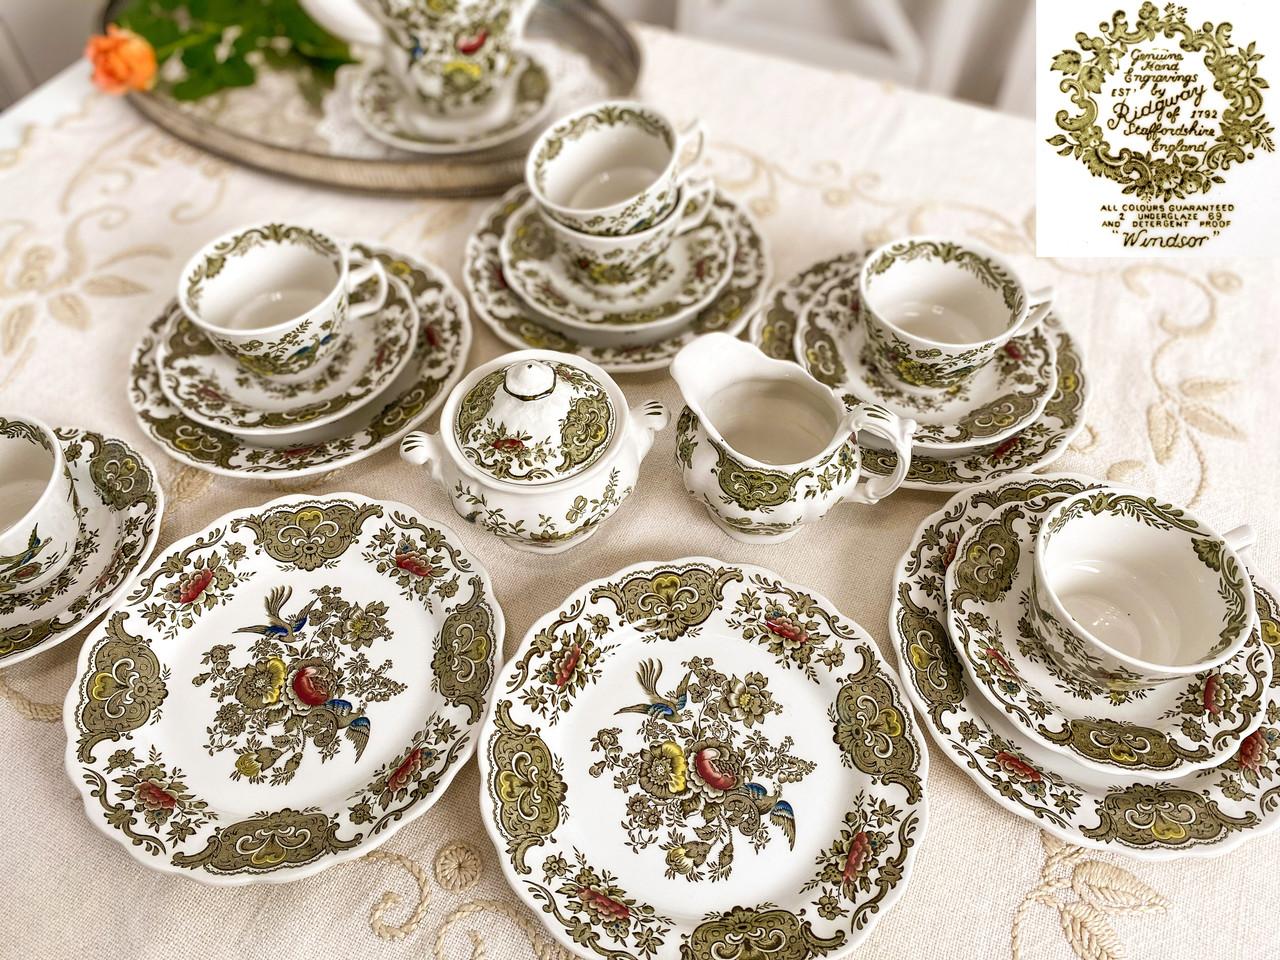 Английский чайно кофейный сервиз на шесть персон,  Ridgway, Windsor, Staffordshire England, 60-70 е года